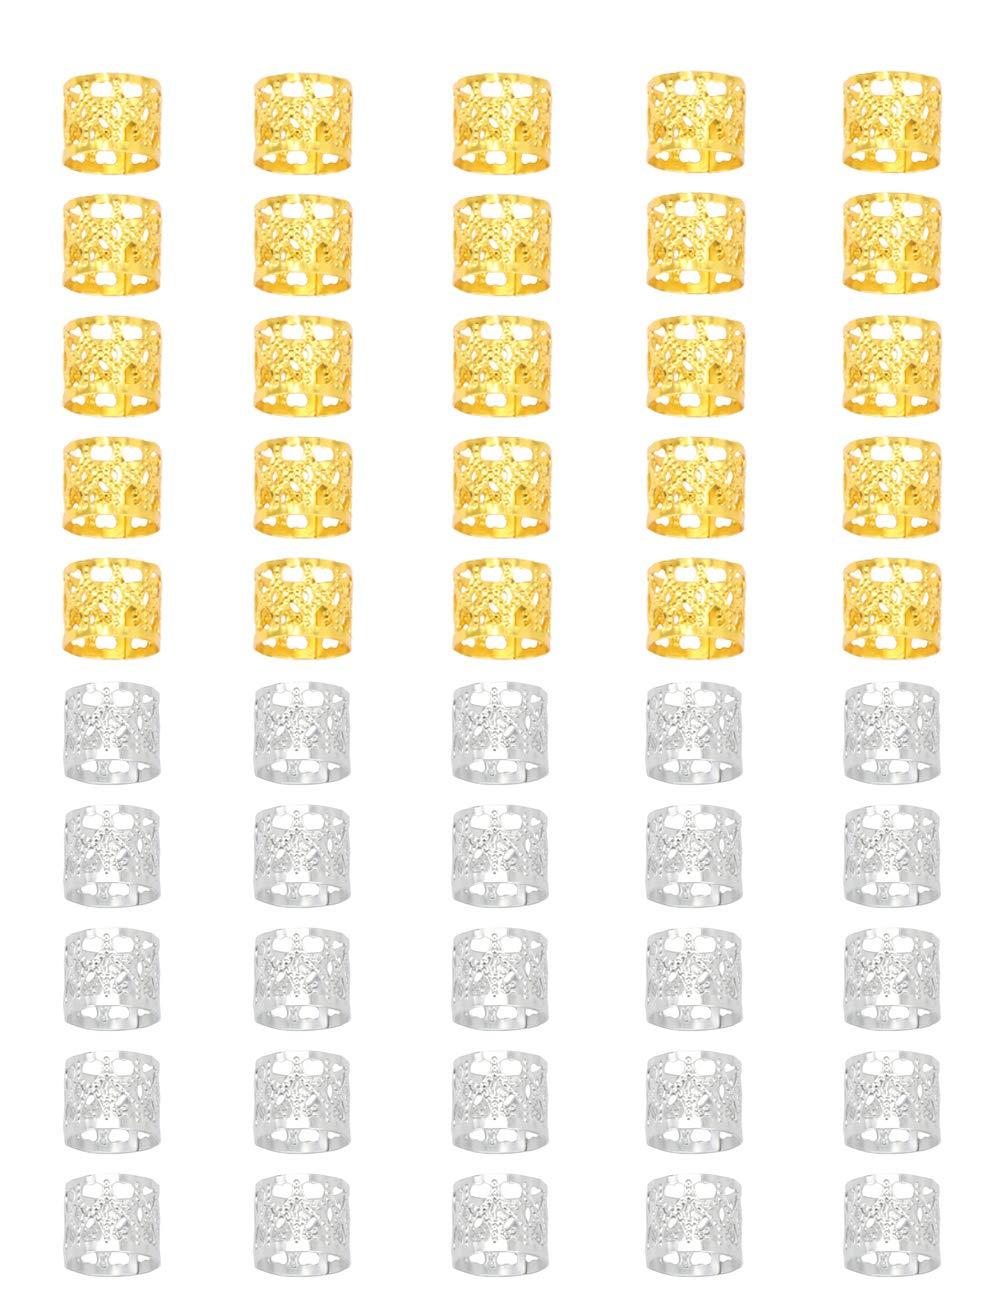 Golden Rule, perline decorative in metallo da 8 mm per trecce, gioielli per capelli, 120pezzi